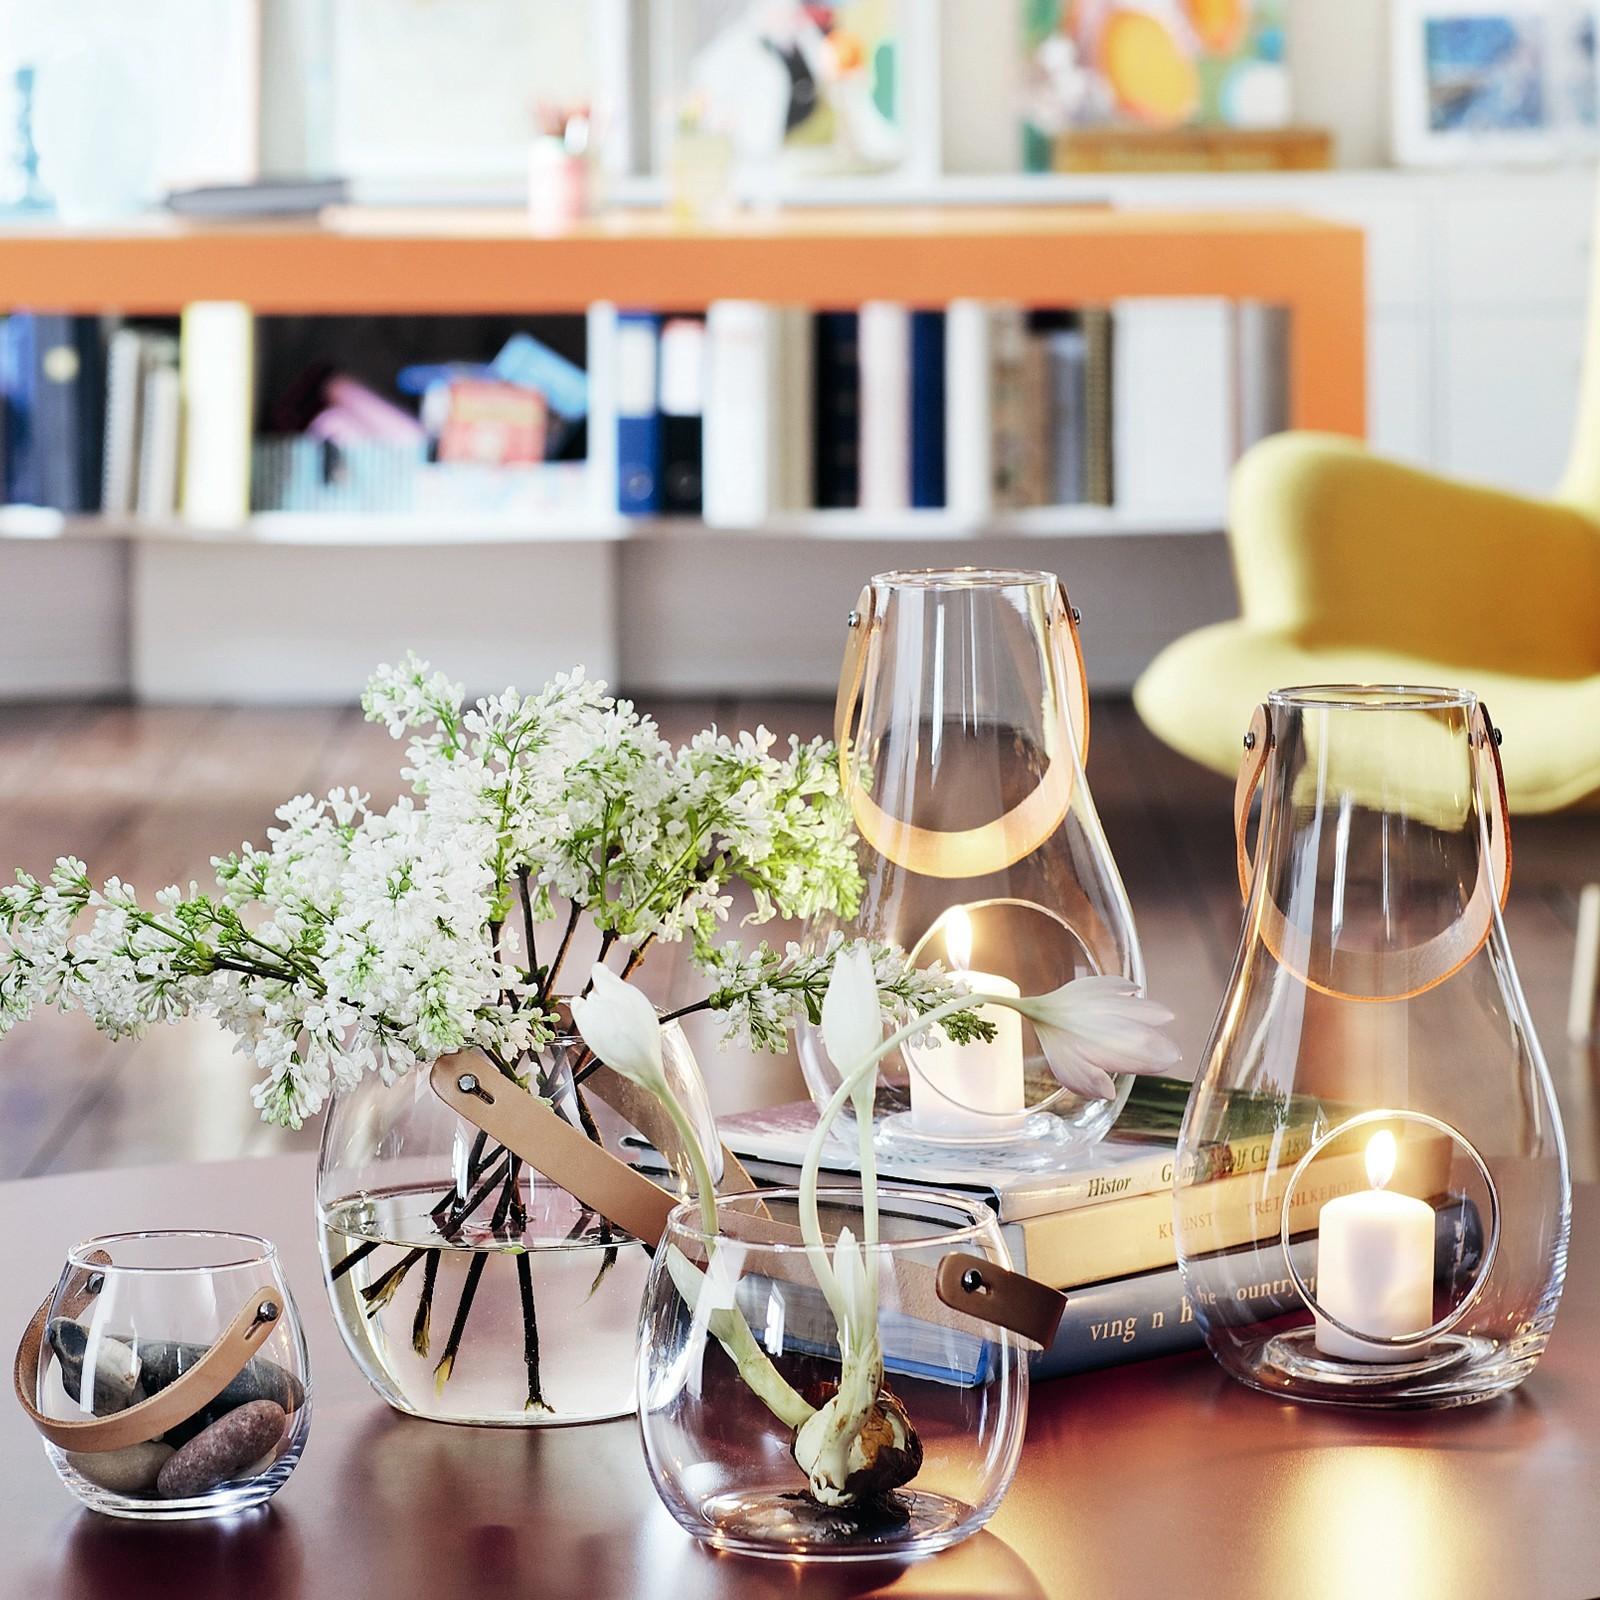 holmegaard with light laterne mit lederhenkel 45 cm h. Black Bedroom Furniture Sets. Home Design Ideas